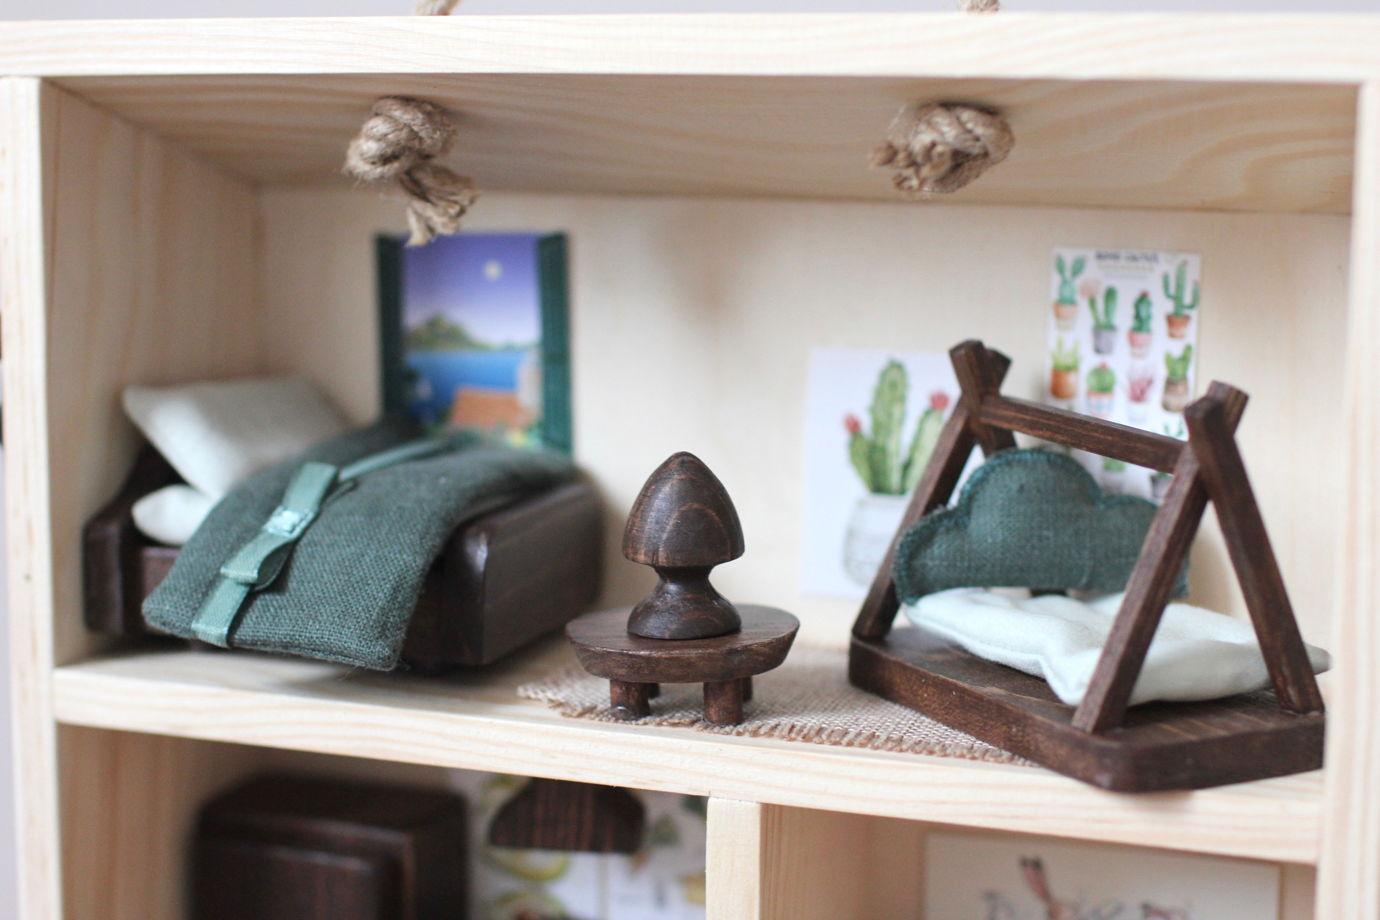 Деревянный кукольный чемоданчик - Современная квартира - куклам Лол, Сильваниан